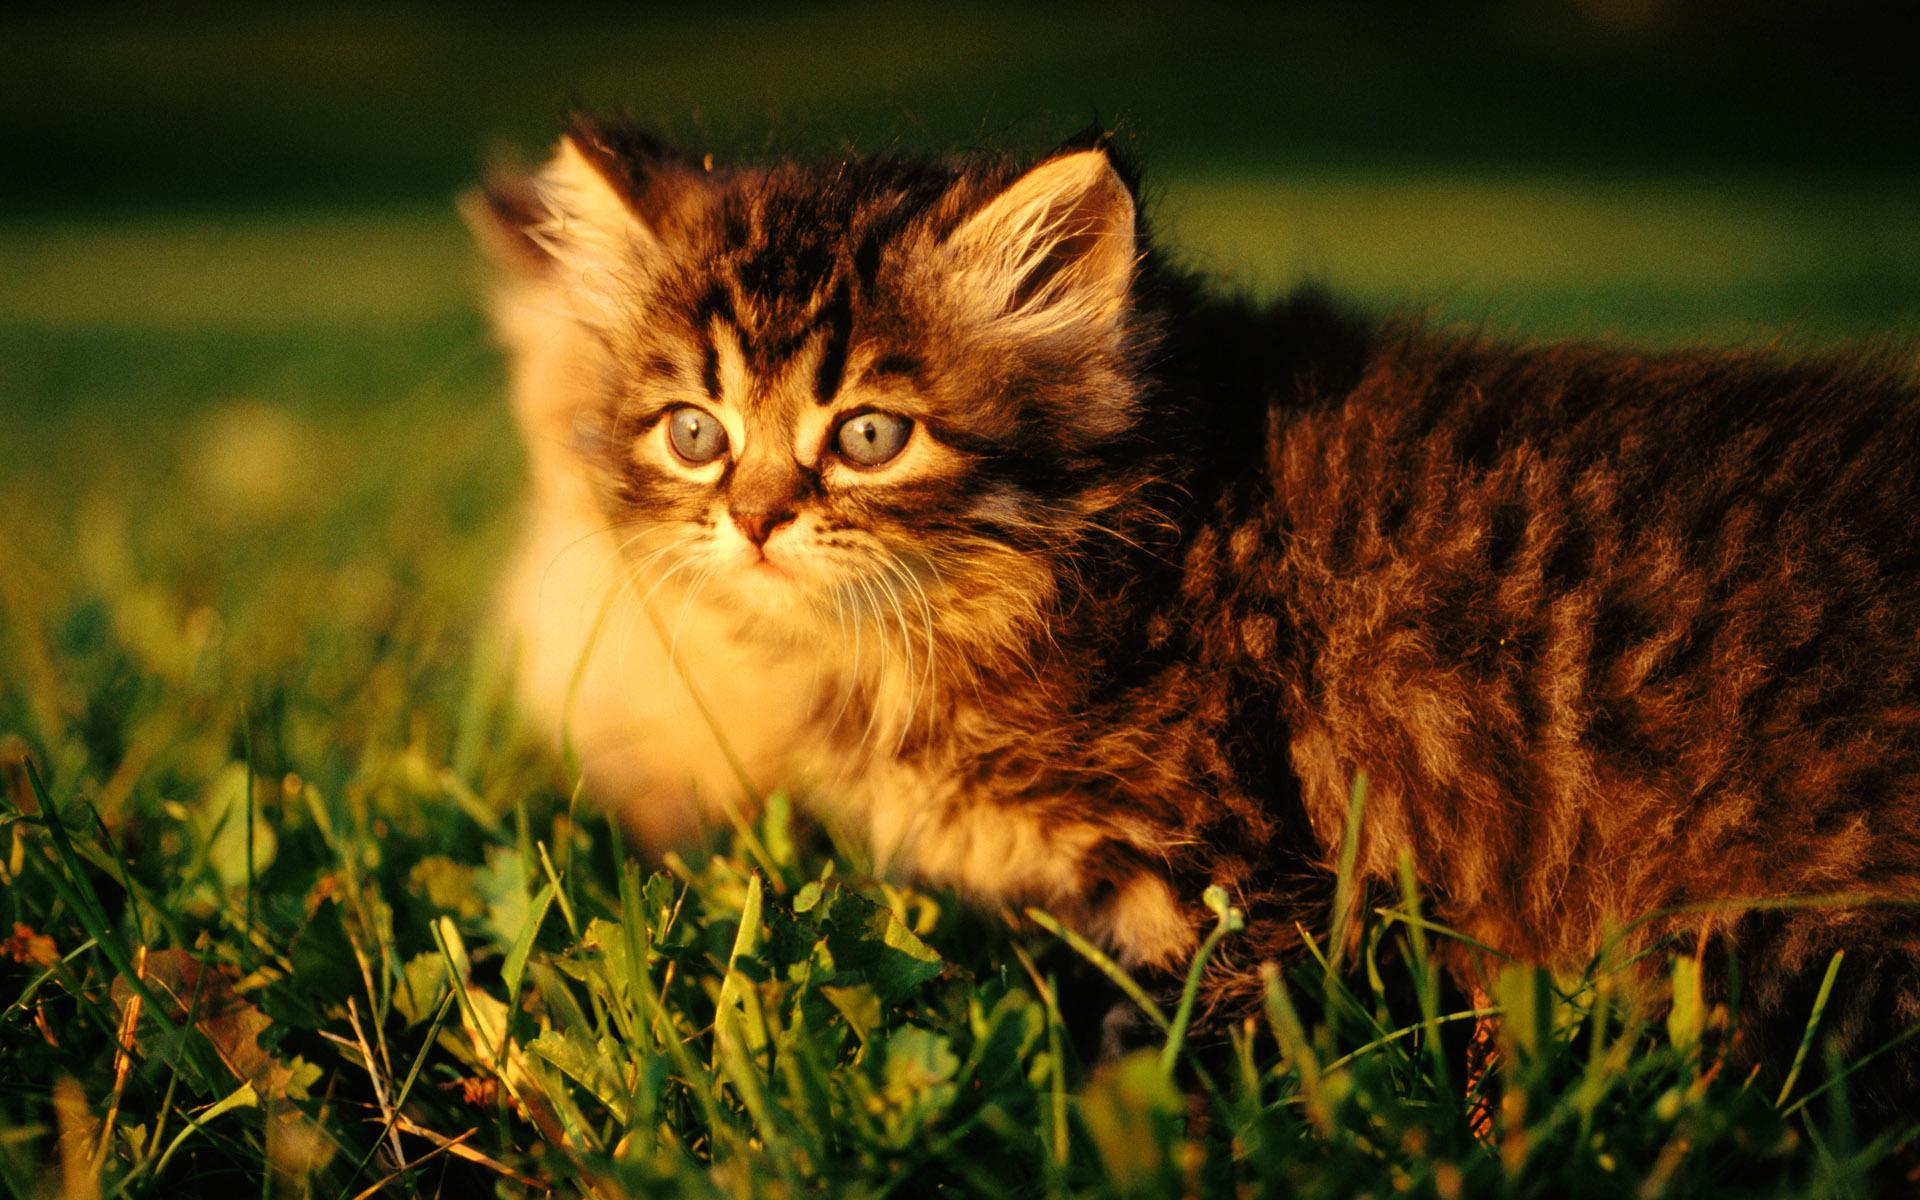 Котенок в мелкой траве  № 2953948 загрузить